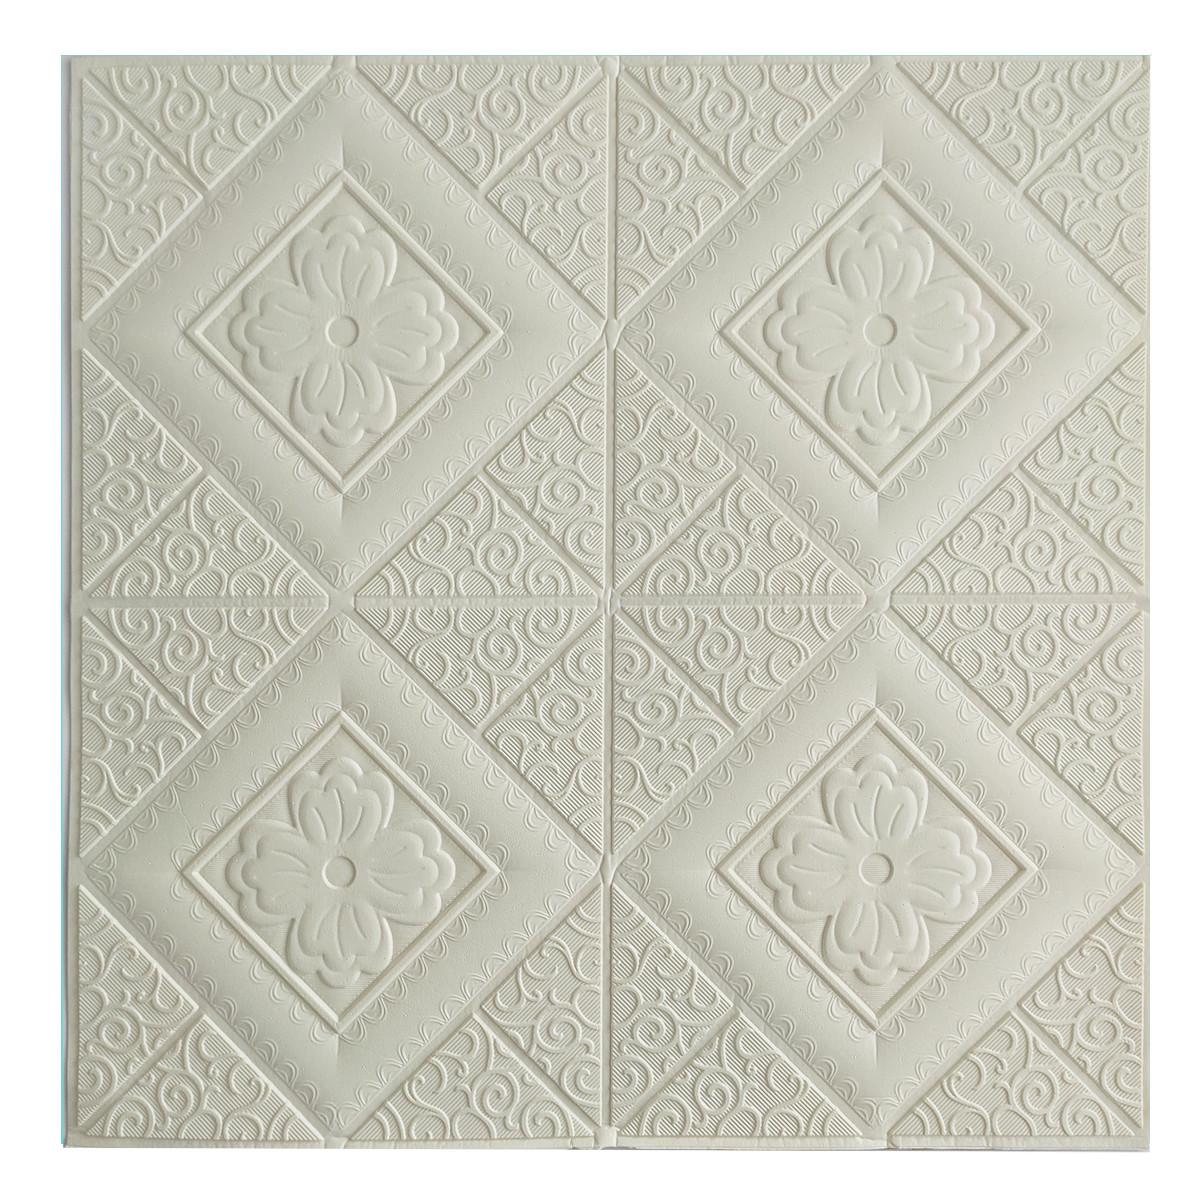 Потолочная панель ПВХ Узорные Ромбы (3Д панели мягкая для потолка потолочная плитка квадраты) 700*700*5 мм